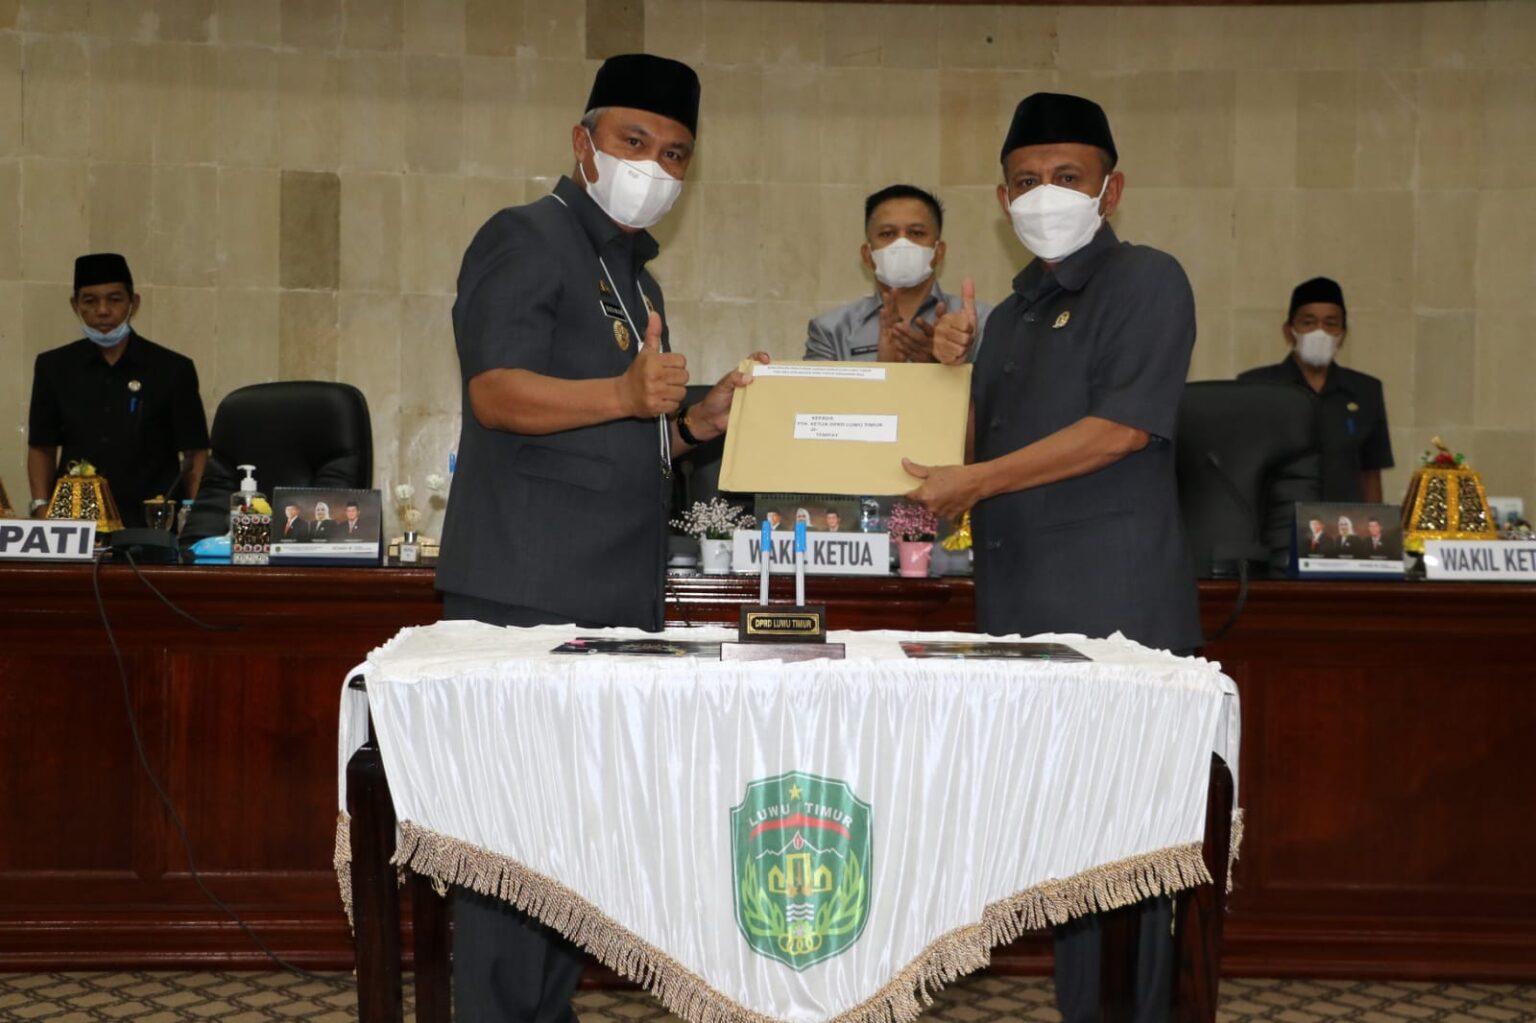 Bupati Lutim Minta DPRD Bersinergi Membangun Luwu Timur Berlandas Nilai Agama dan Budaya